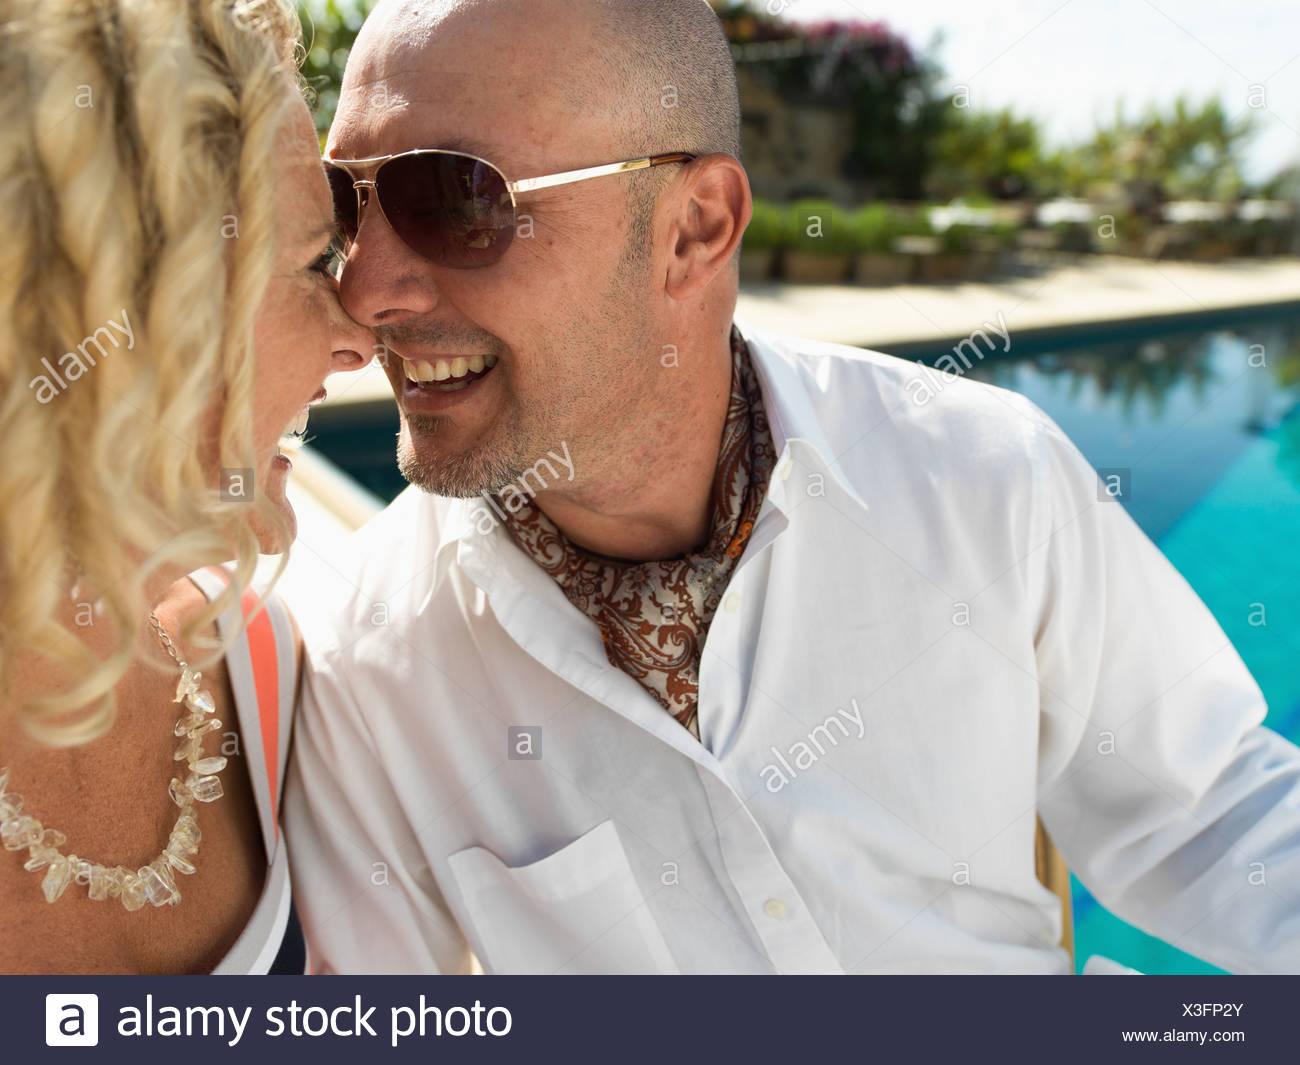 Un jeune homme bien bâti touche le nez d'une jolie femme par son nez par le côté d'une piscine à San Diego. Photo Stock